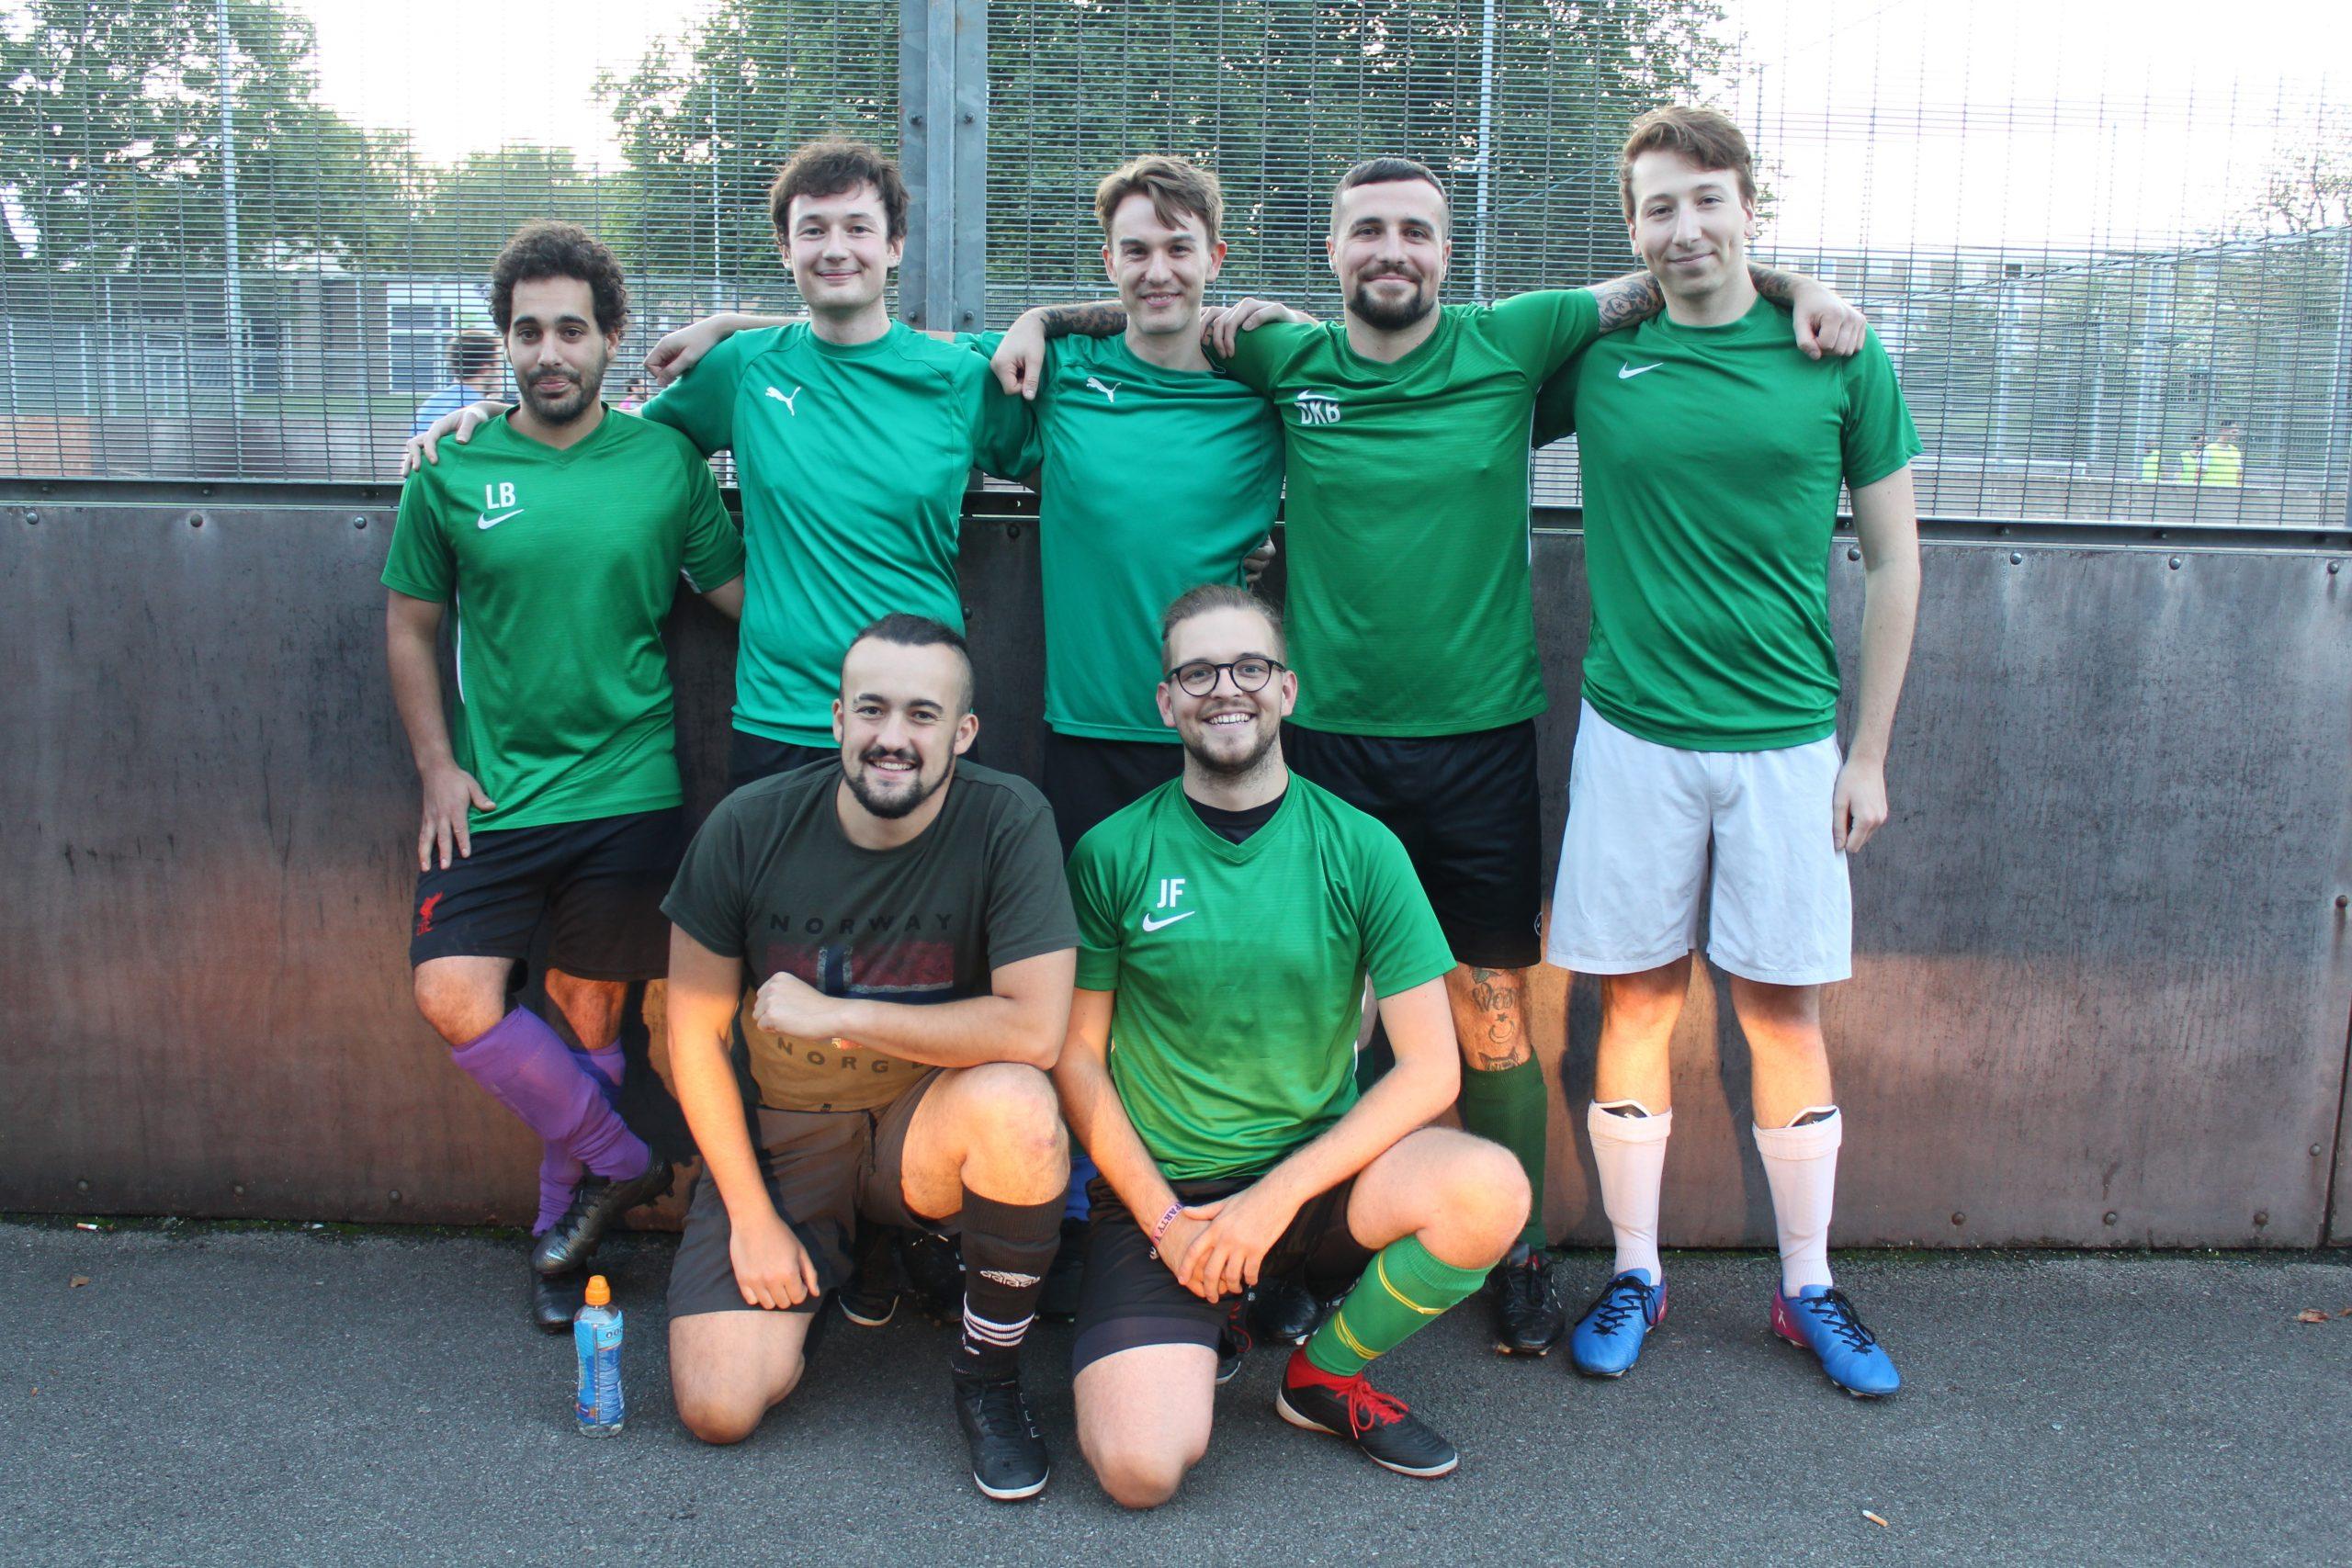 vegan football team kale madrid